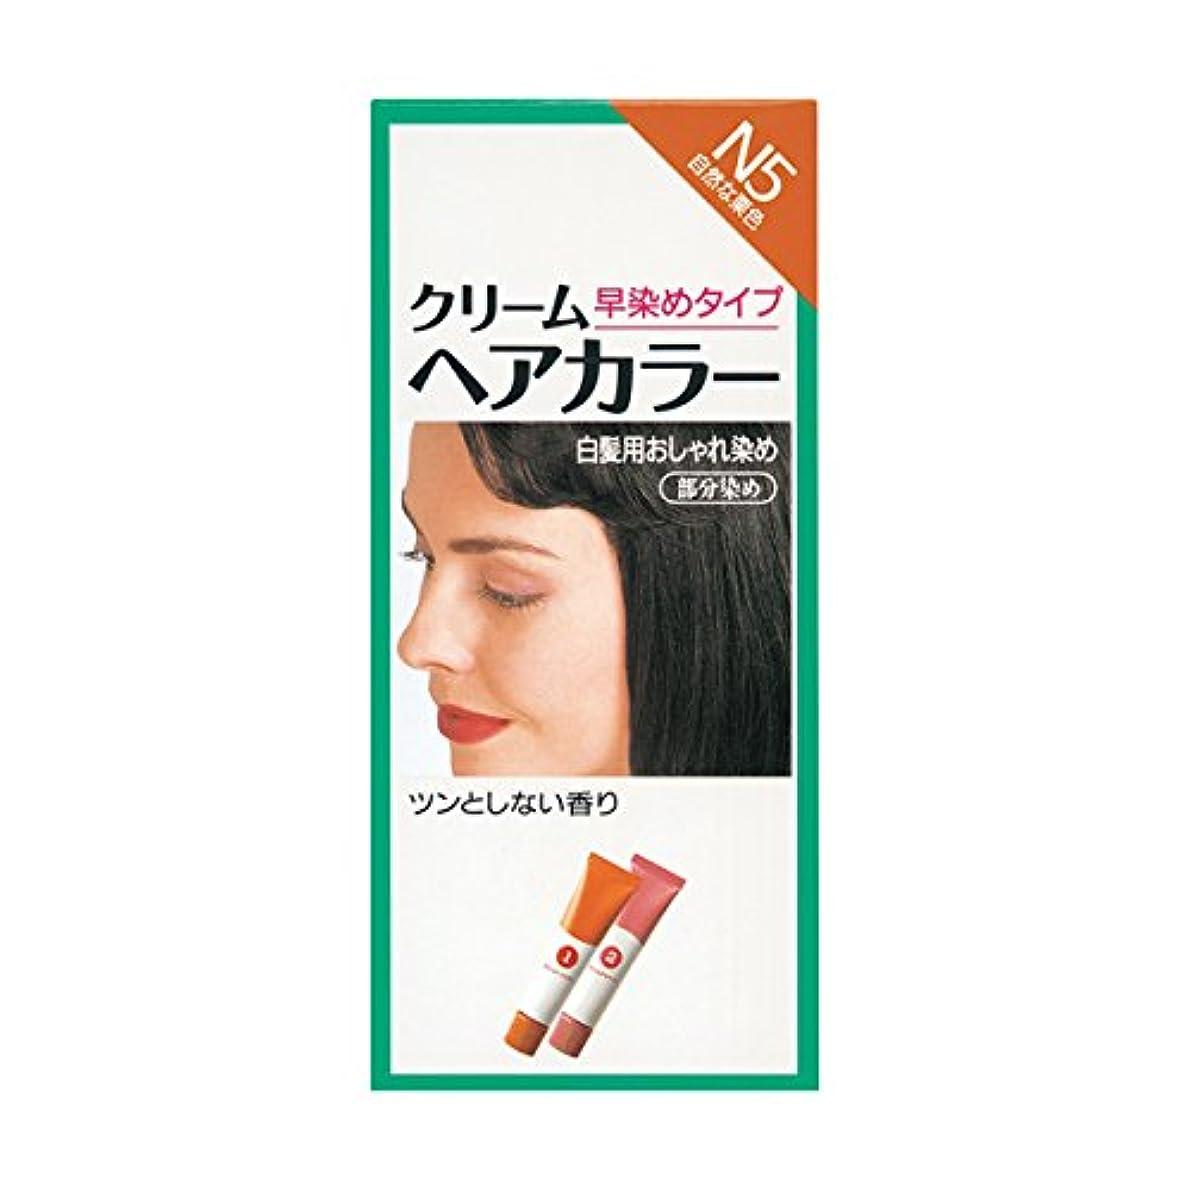 エミュレートする業界赤面ヘアカラー クリームヘアカラーN N5 【医薬部外品】